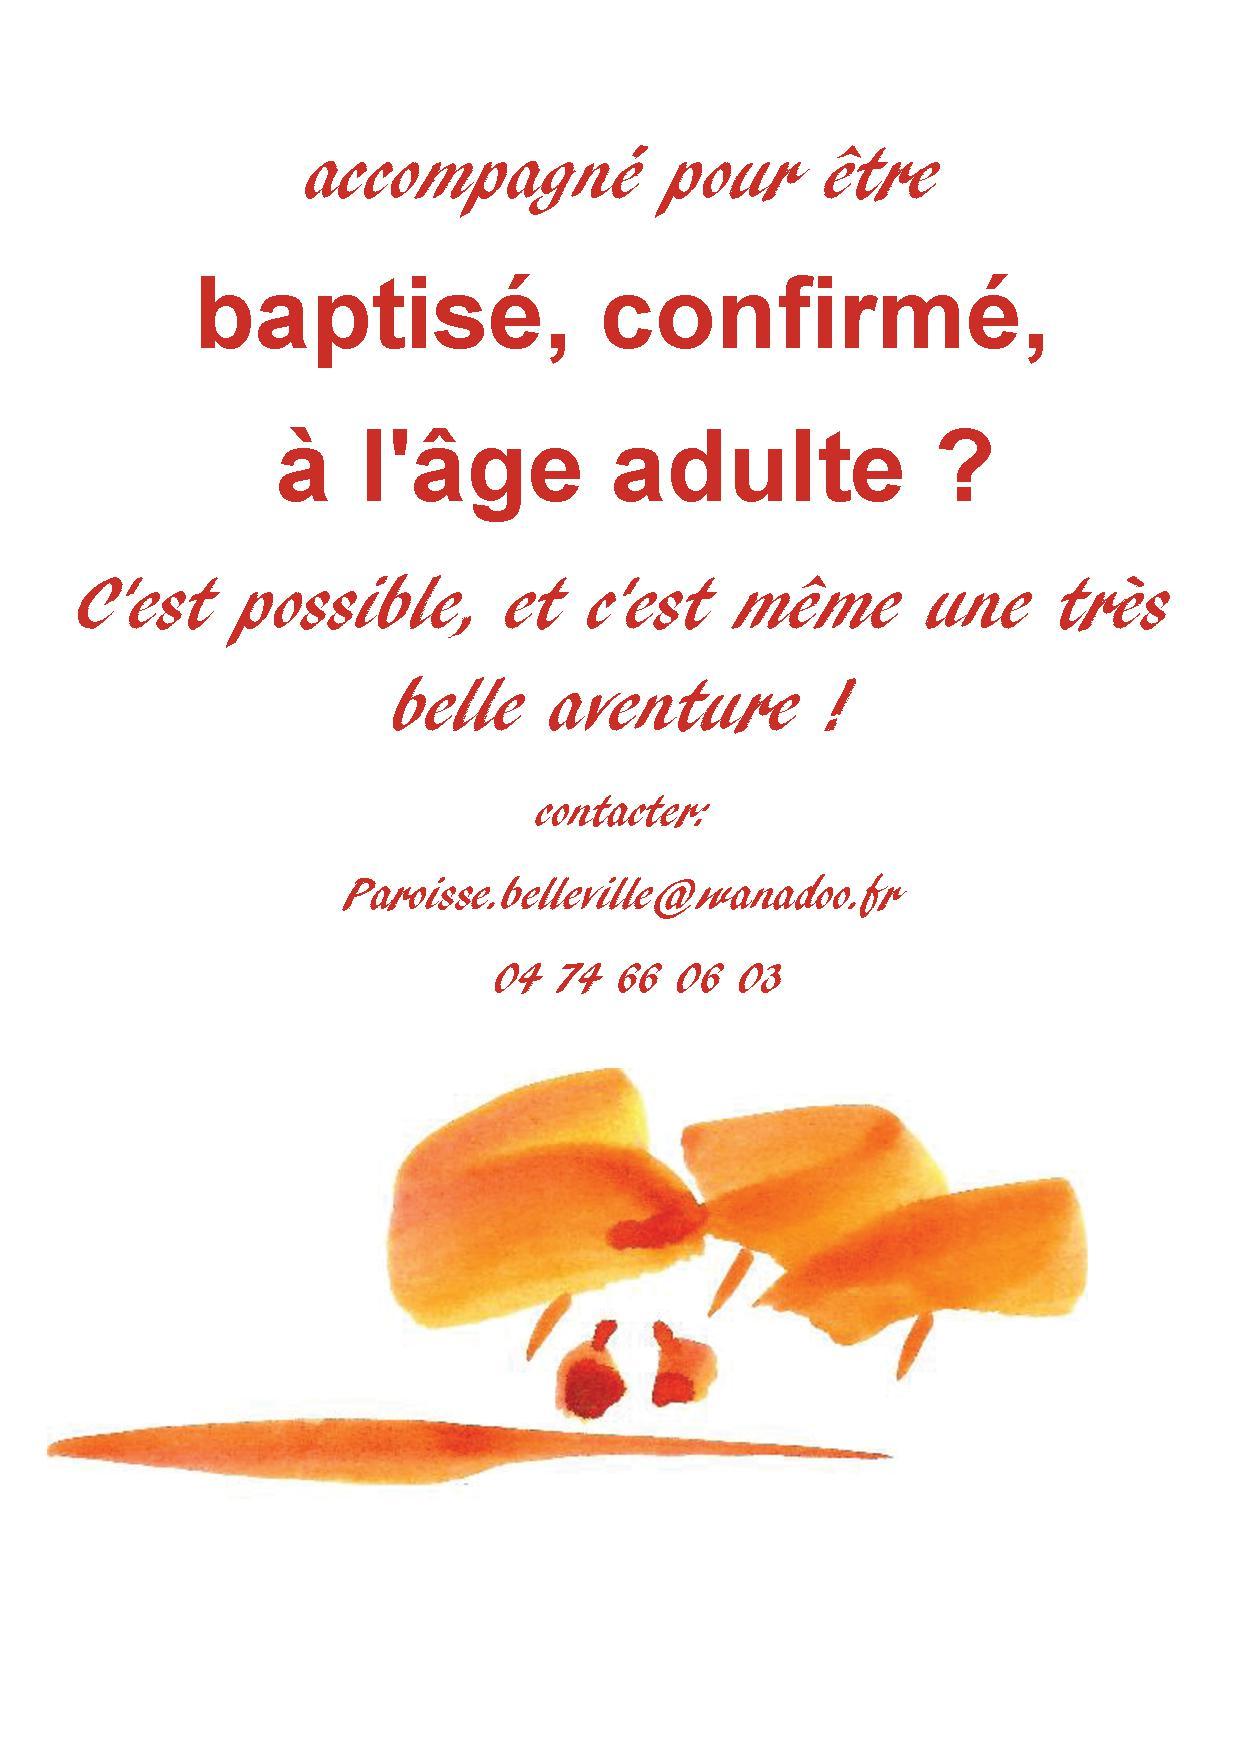 baptise confirme à l'age adulte